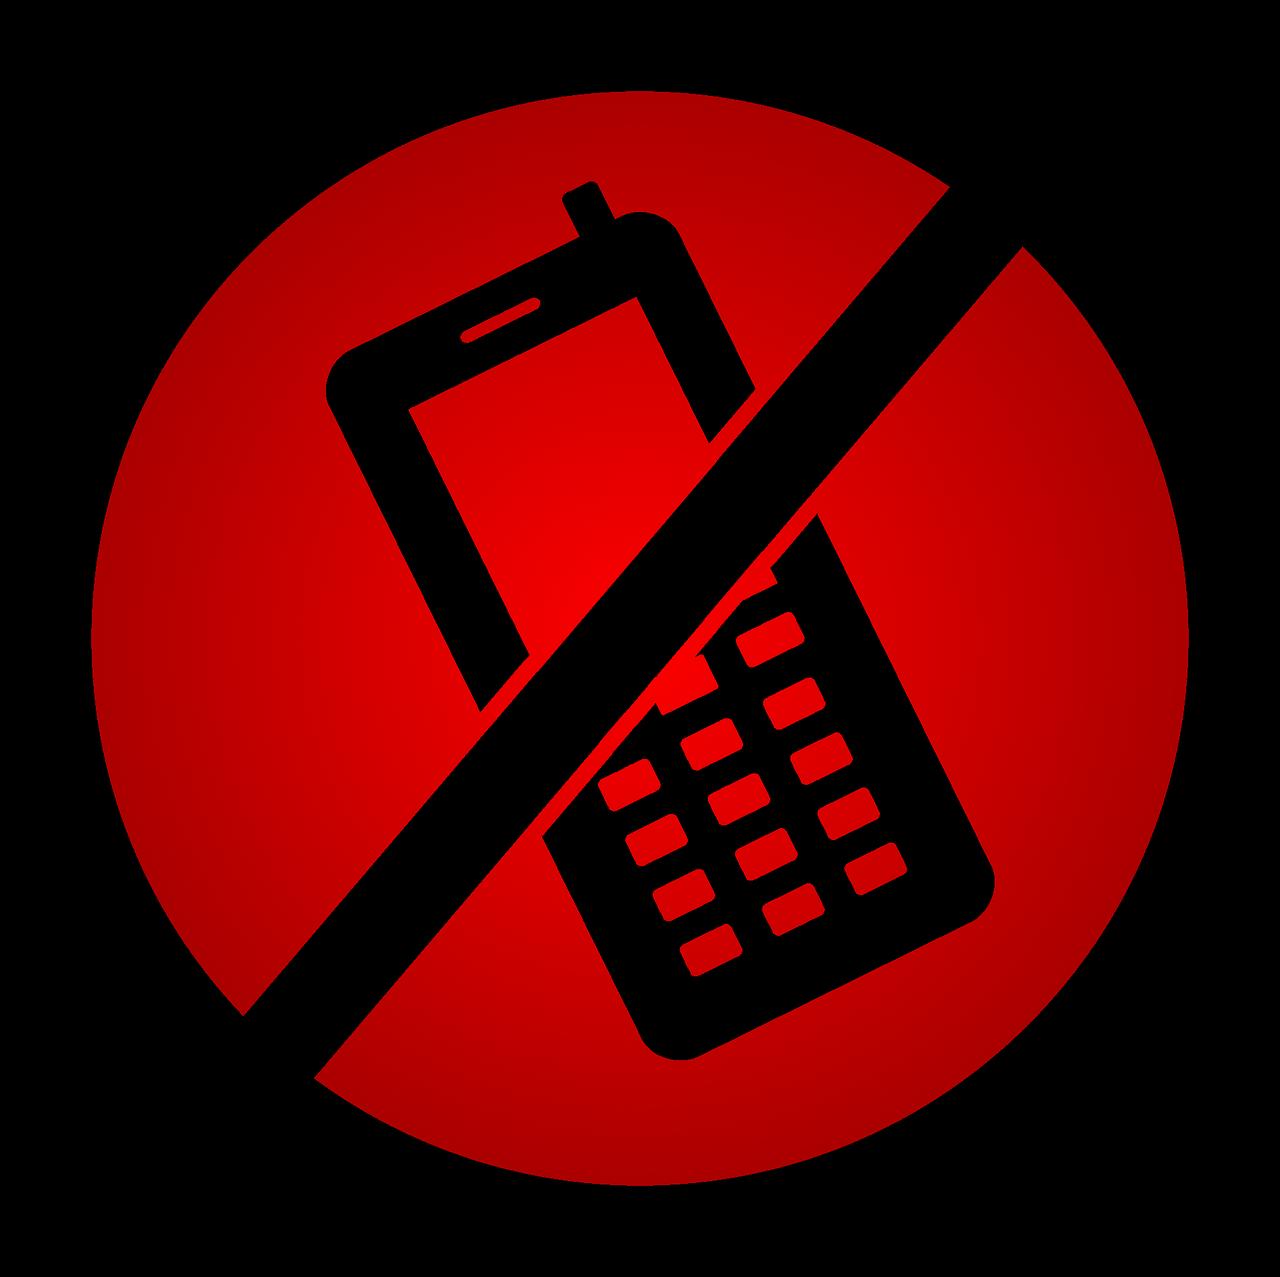 Днем, картинка мобильник под запретом